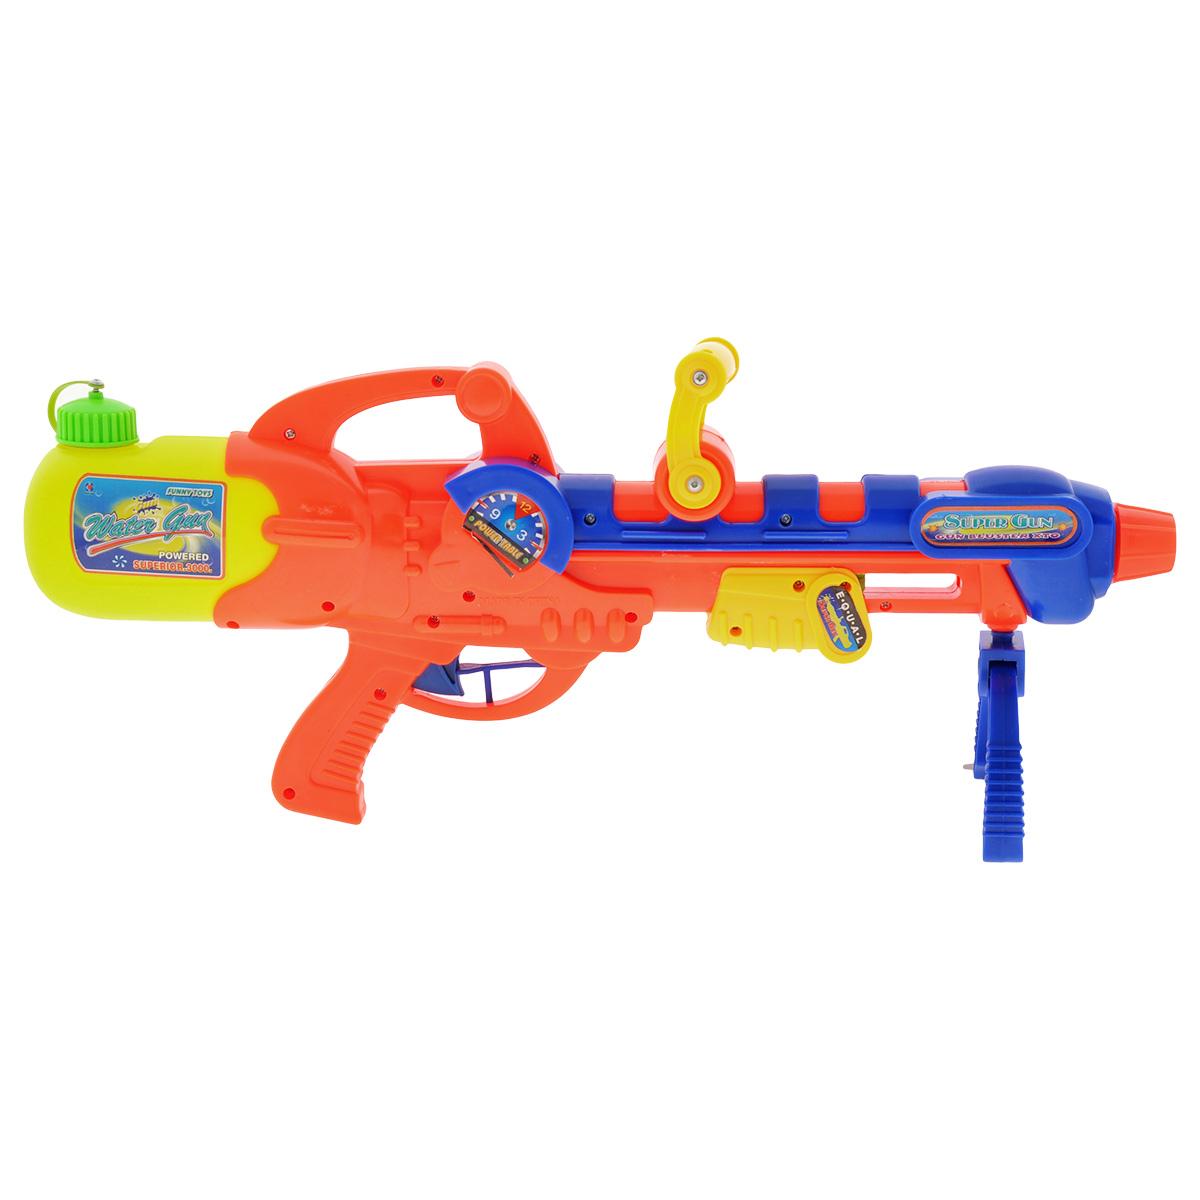 Водный бластер Bebelot Захват, цвет: оранжевый, синий игрушка для активного отдыха bebelot захват beb1106 045